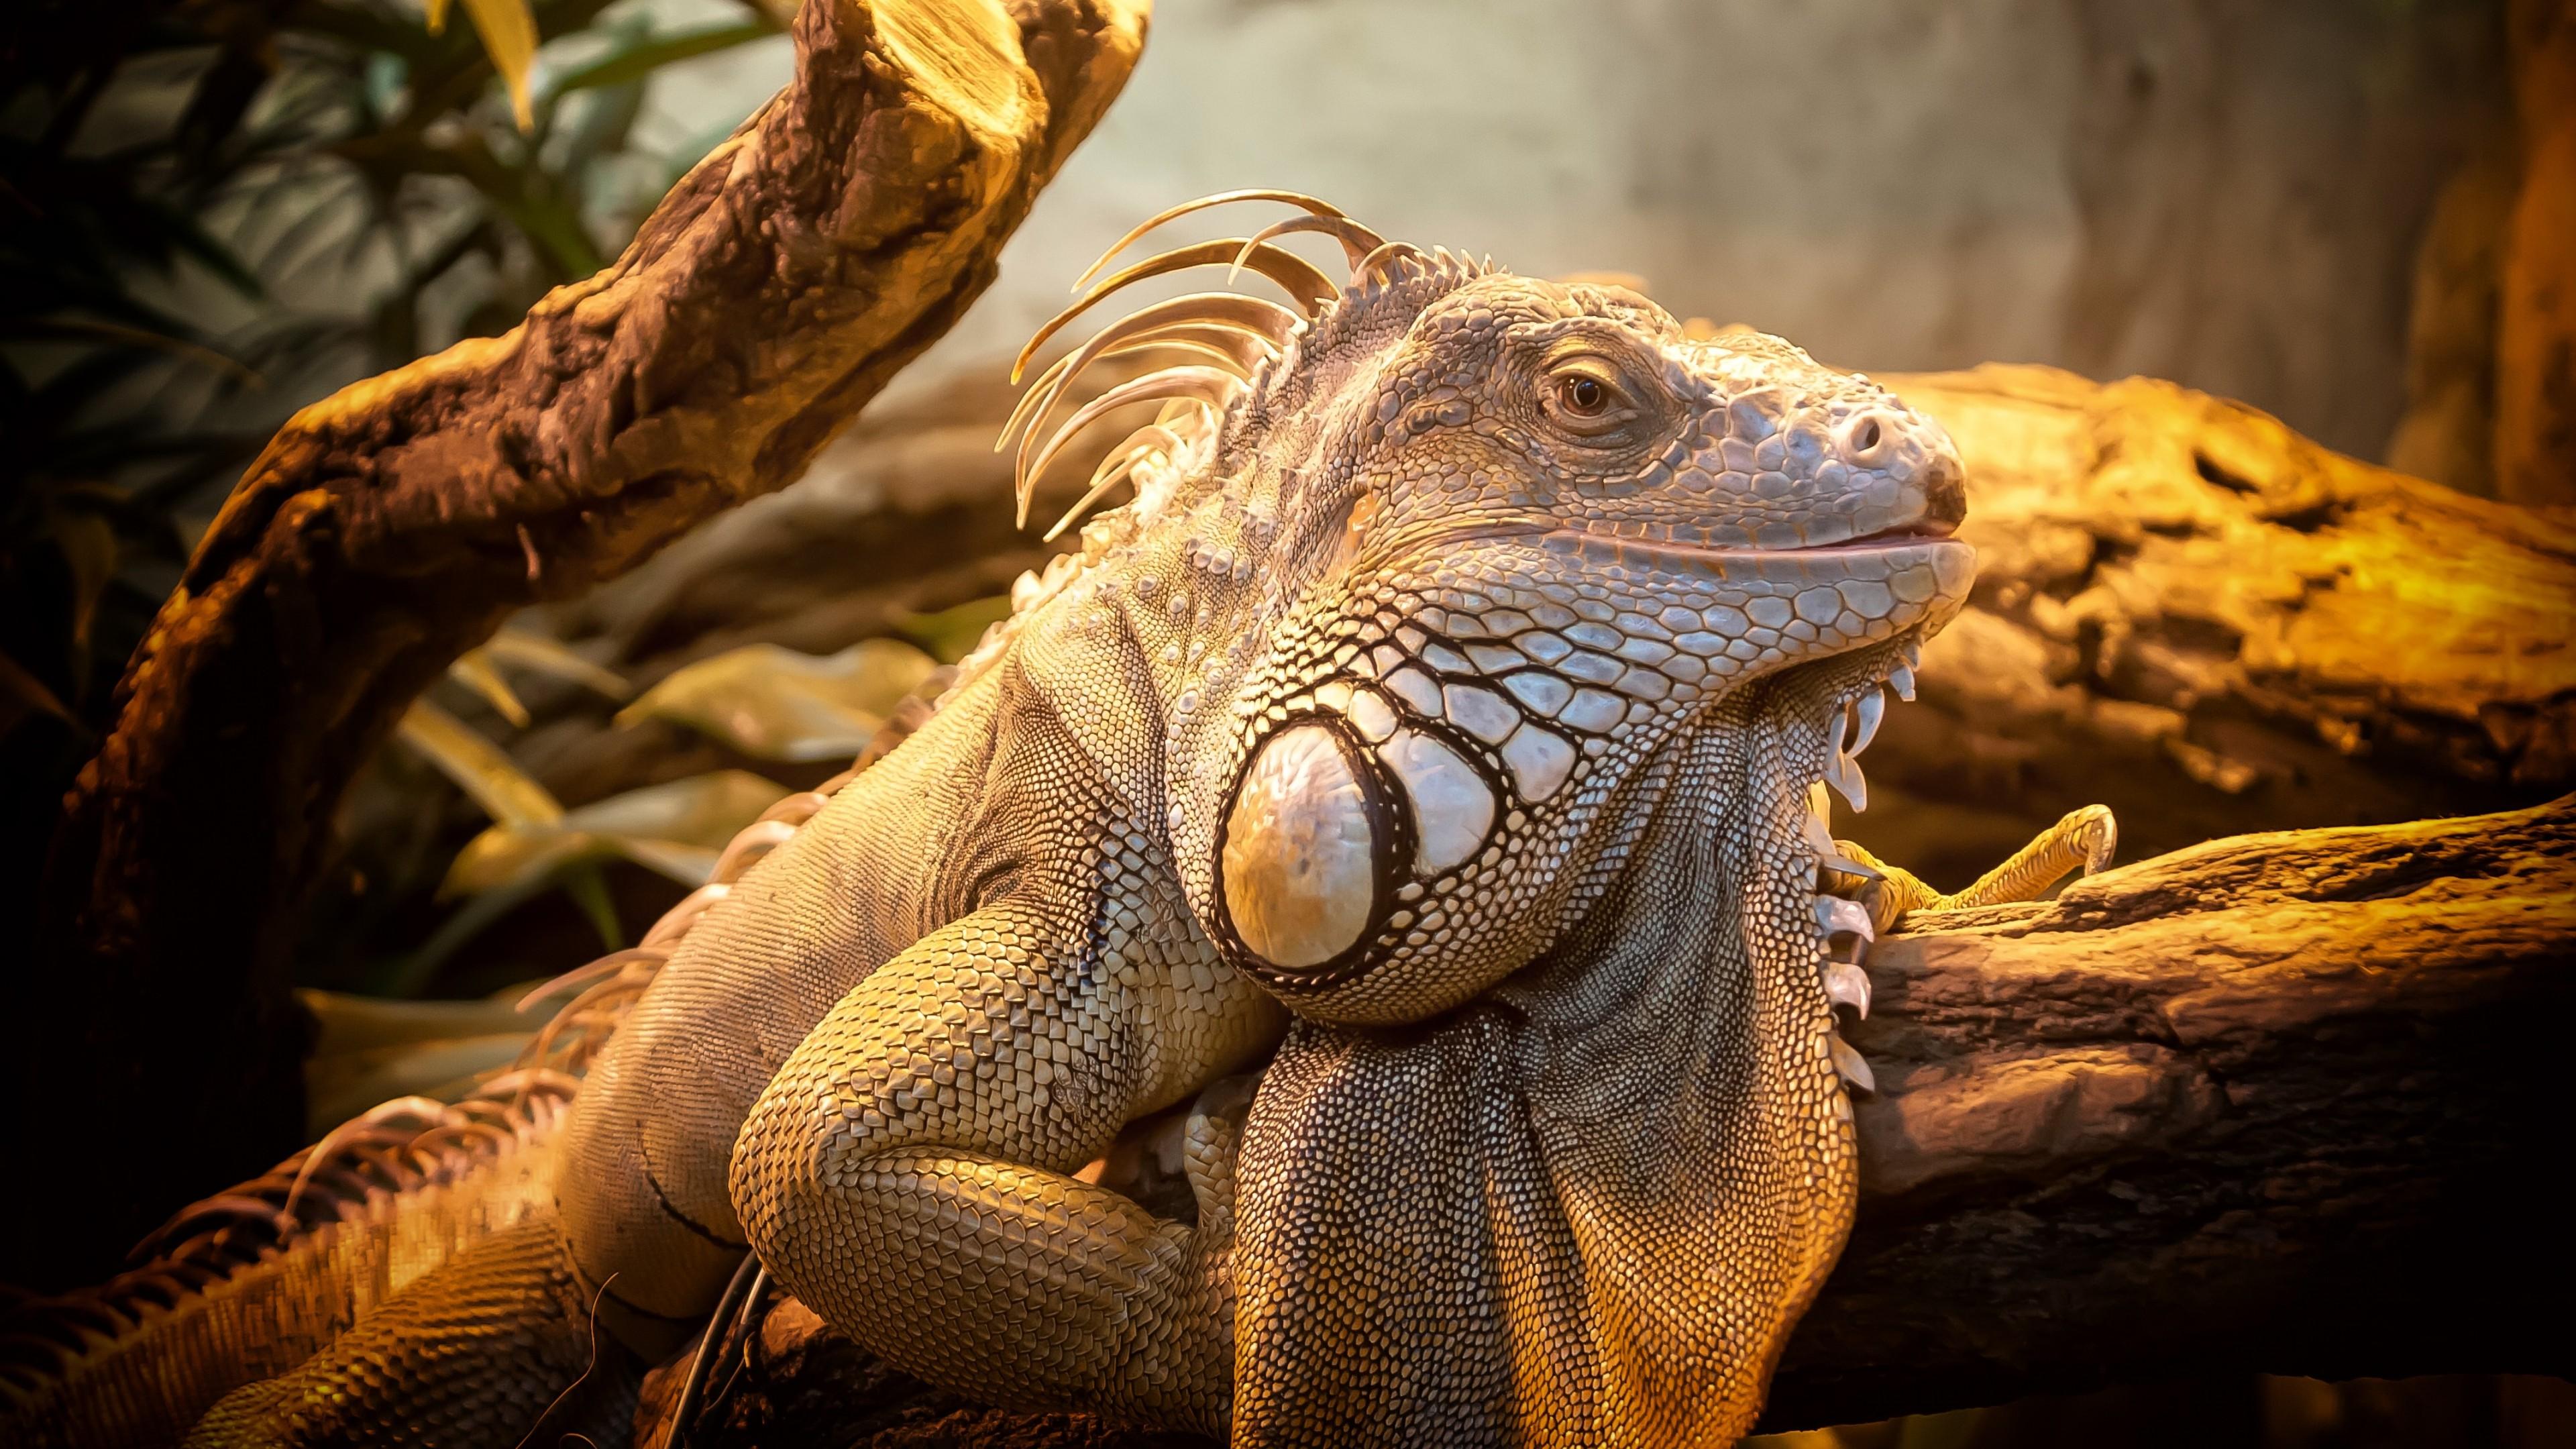 Global Taxonomic Diversity of Living Reptiles